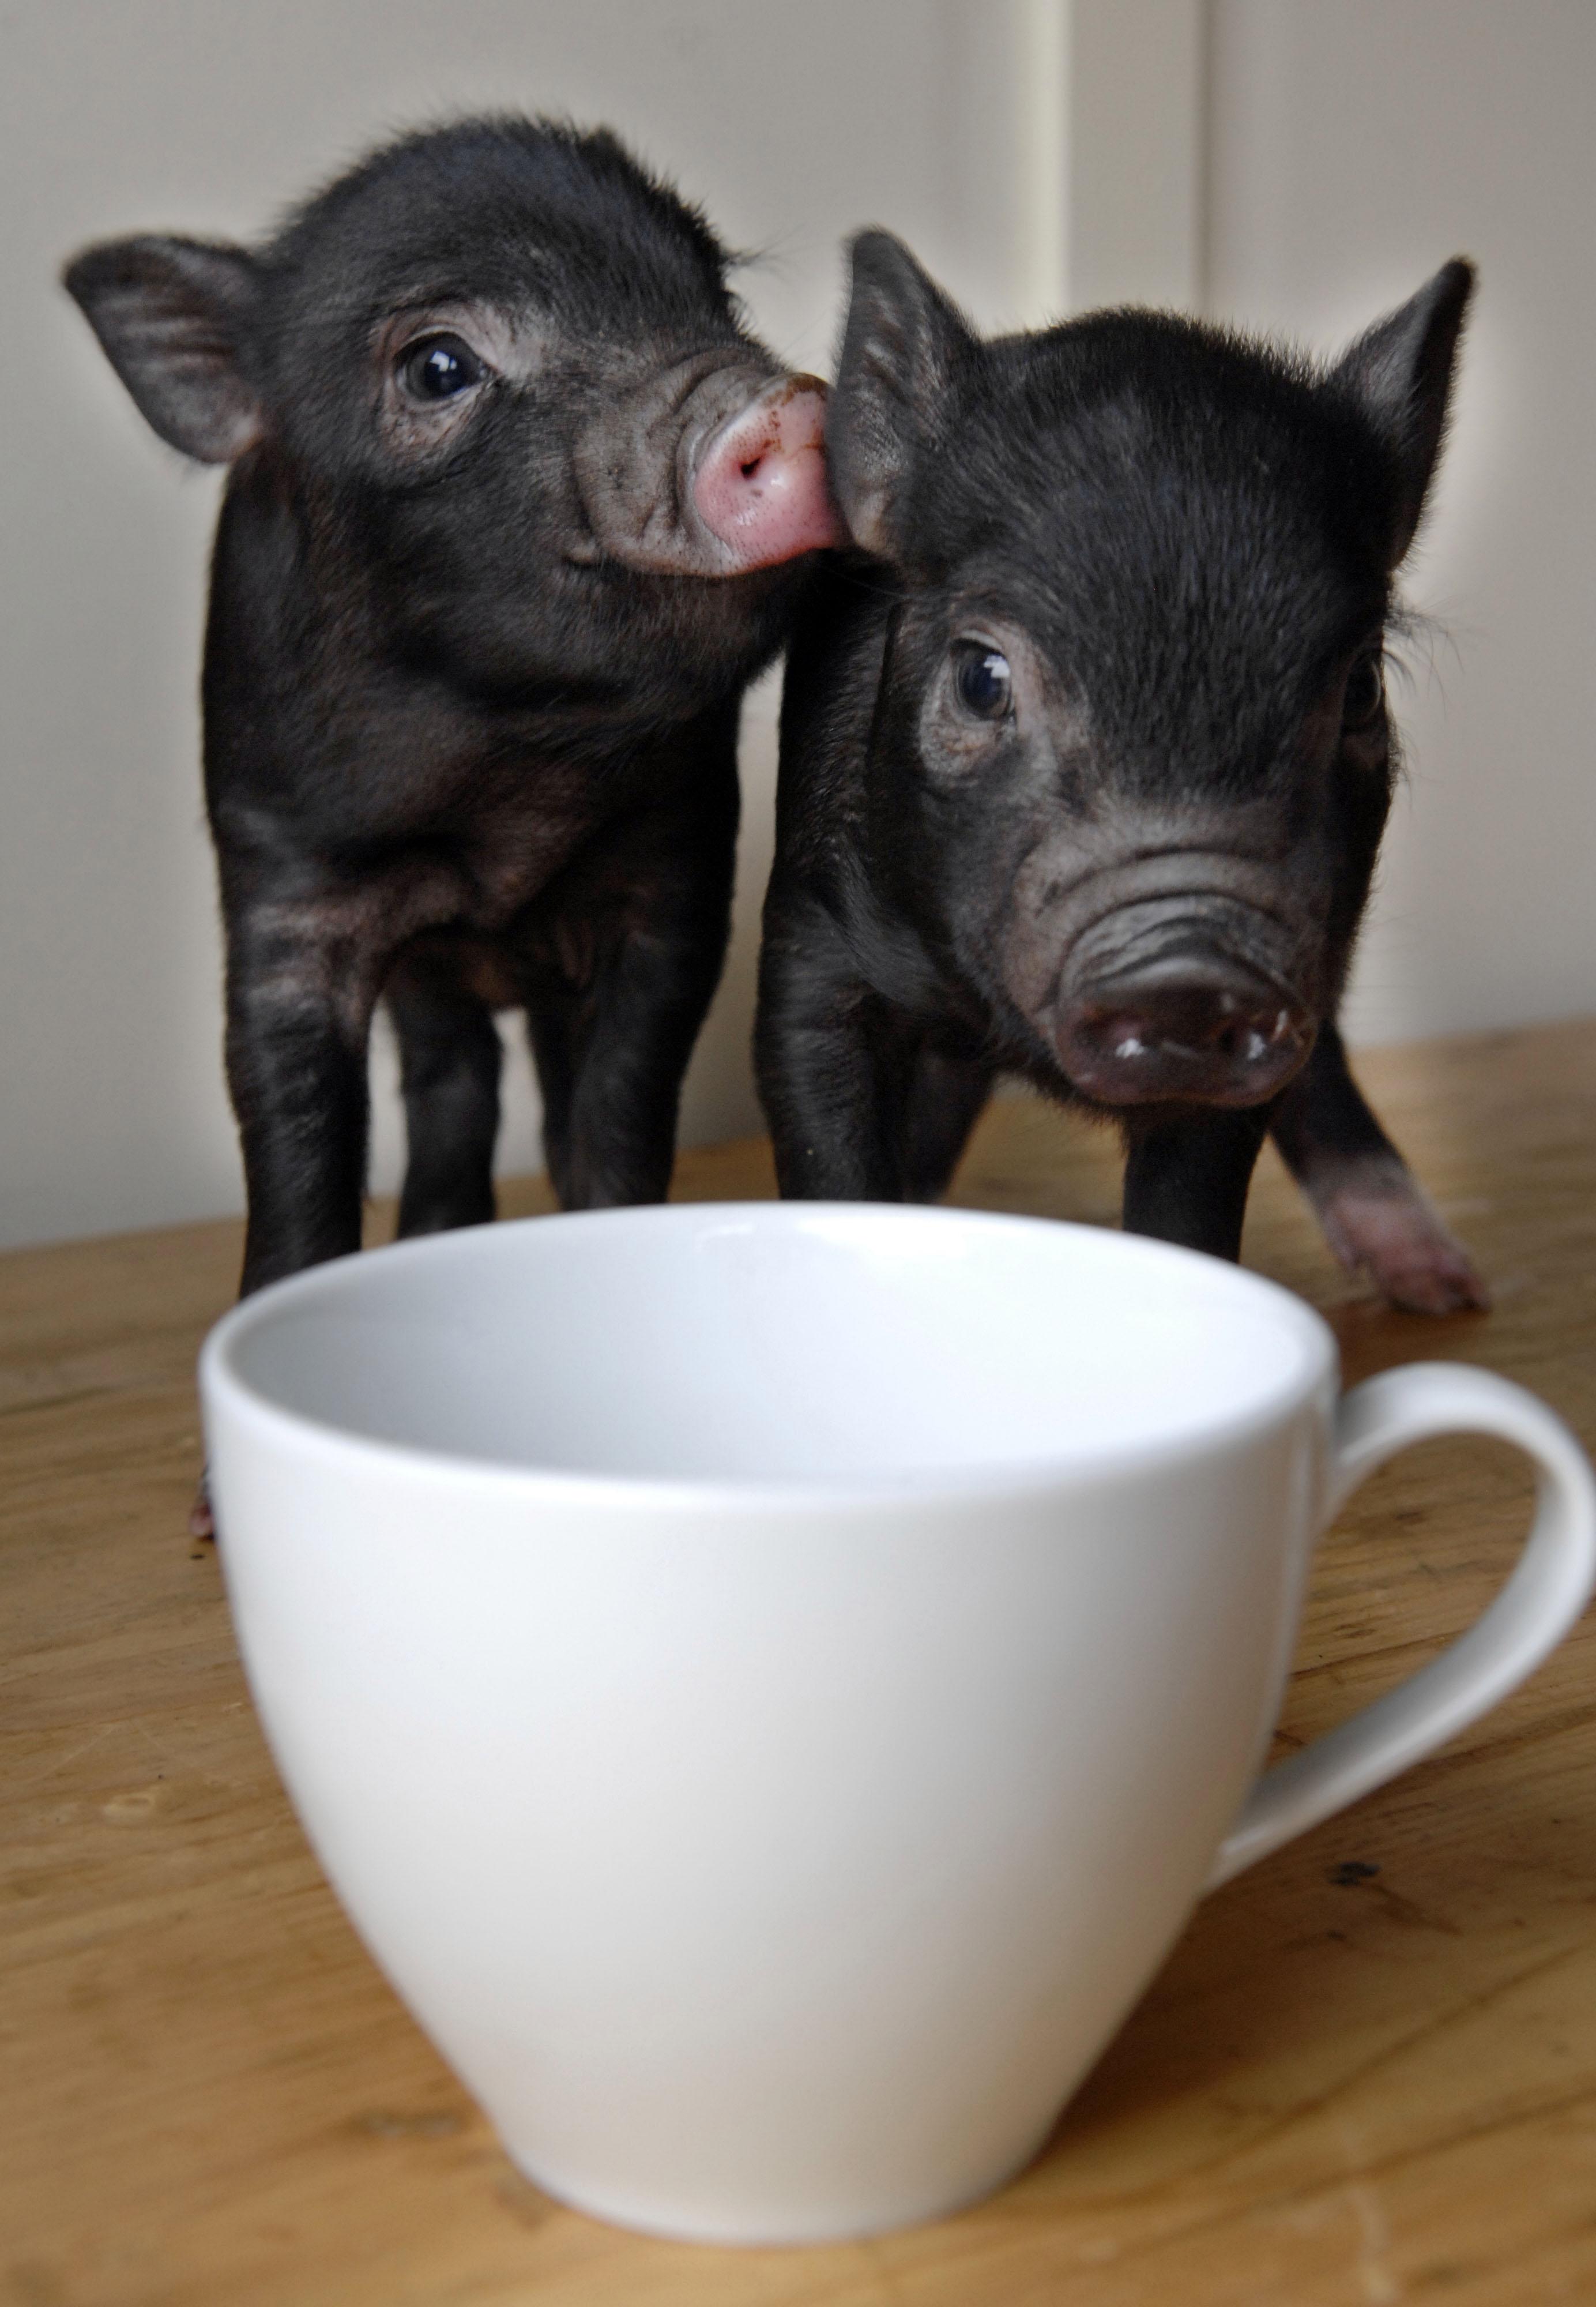 teacup piglets pictures. Black Bedroom Furniture Sets. Home Design Ideas